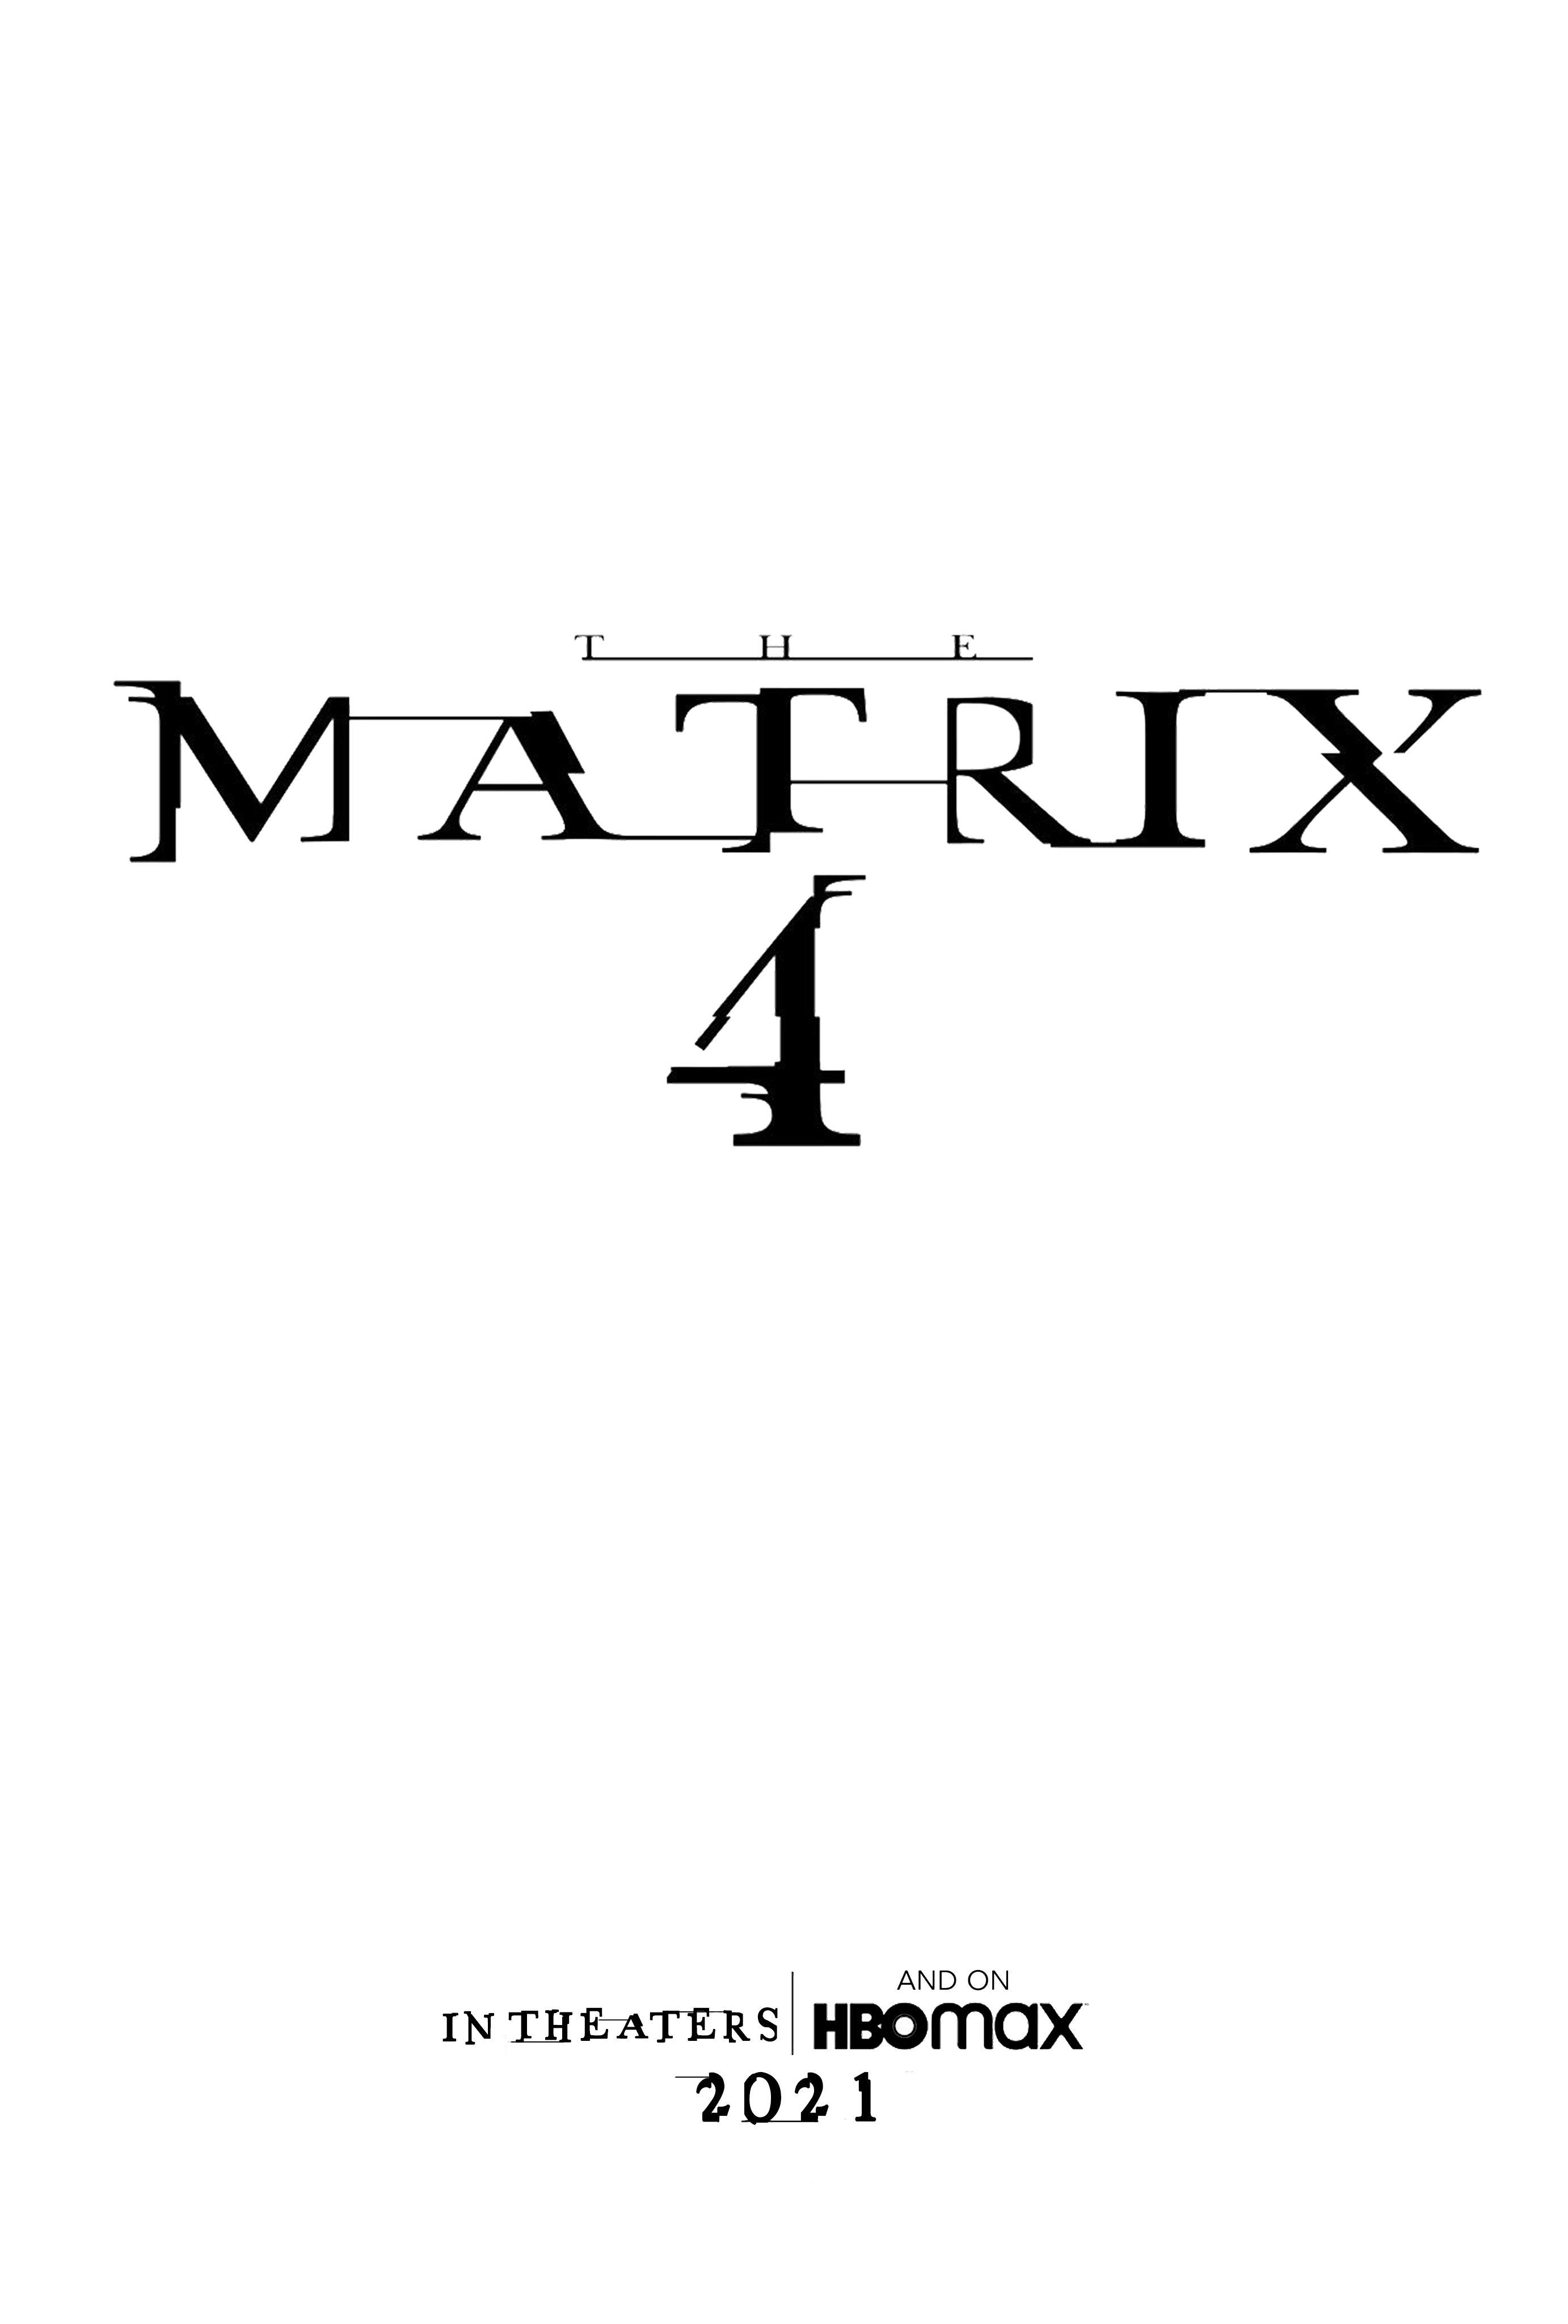 Download Filme Matrix 4 Torrent 2021 Qualidade Hd